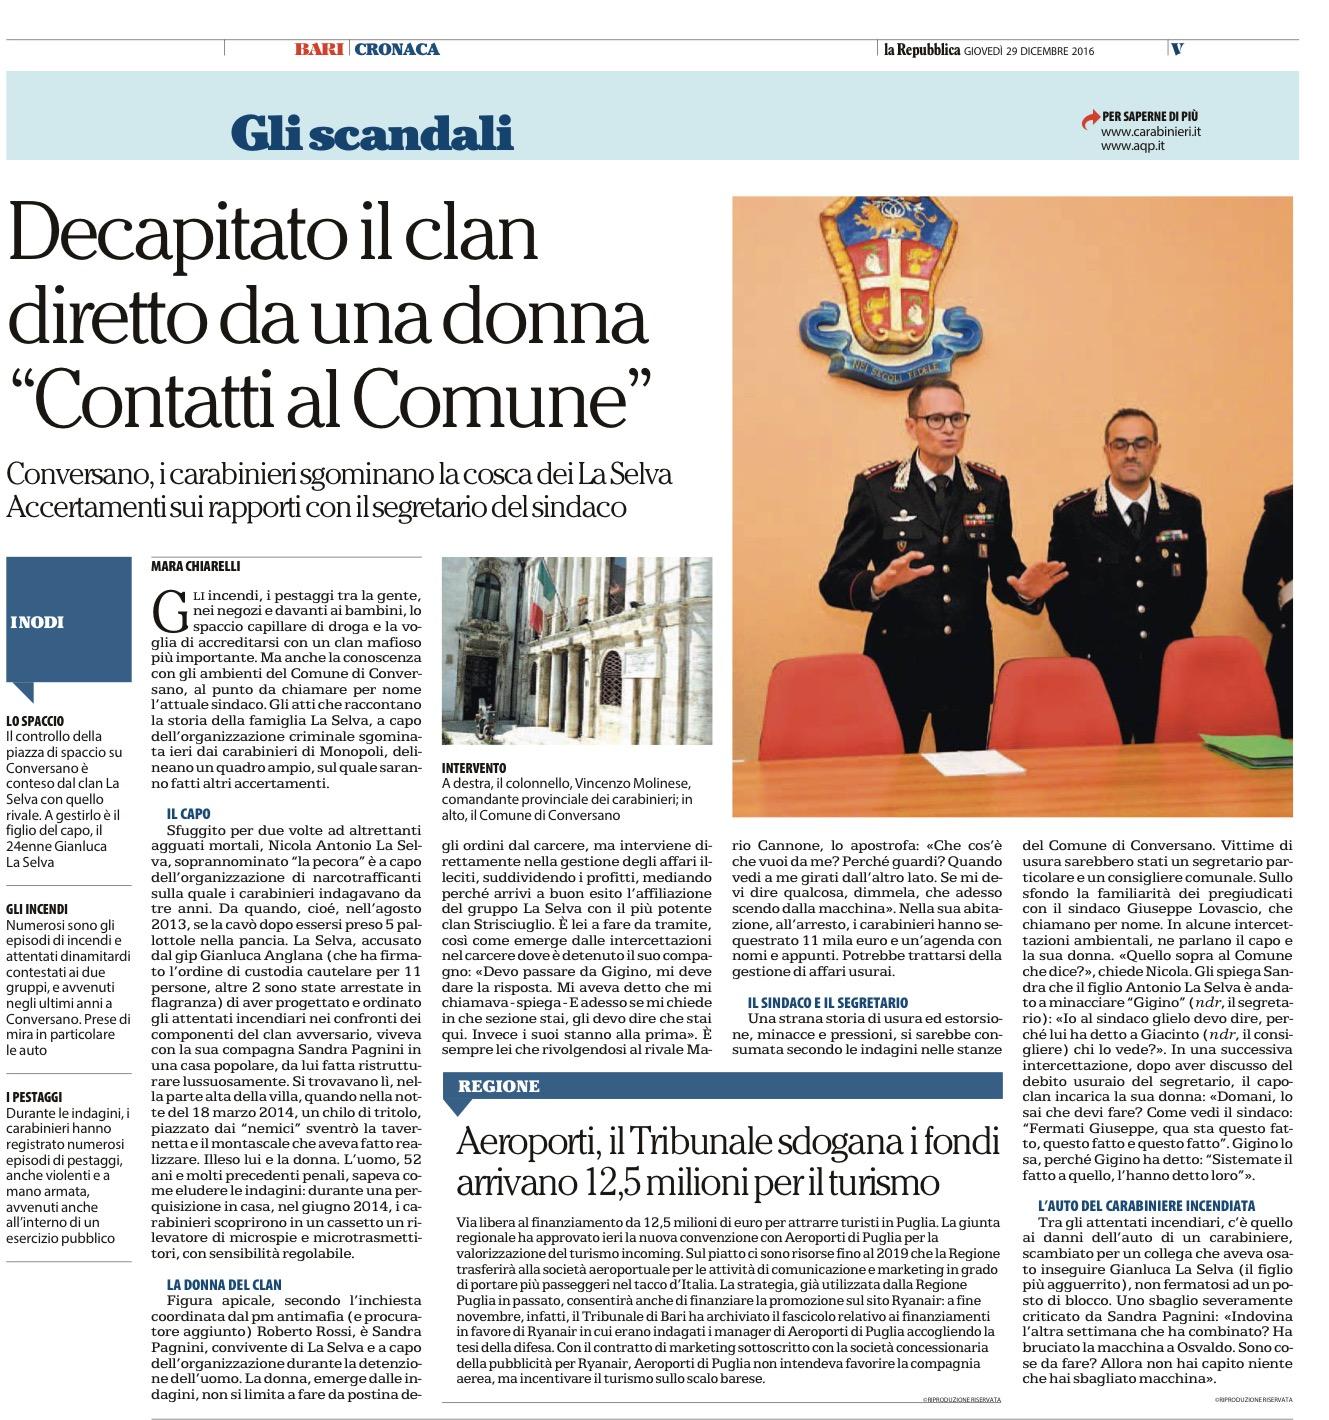 La Repubblica Bari - 29.12.2016